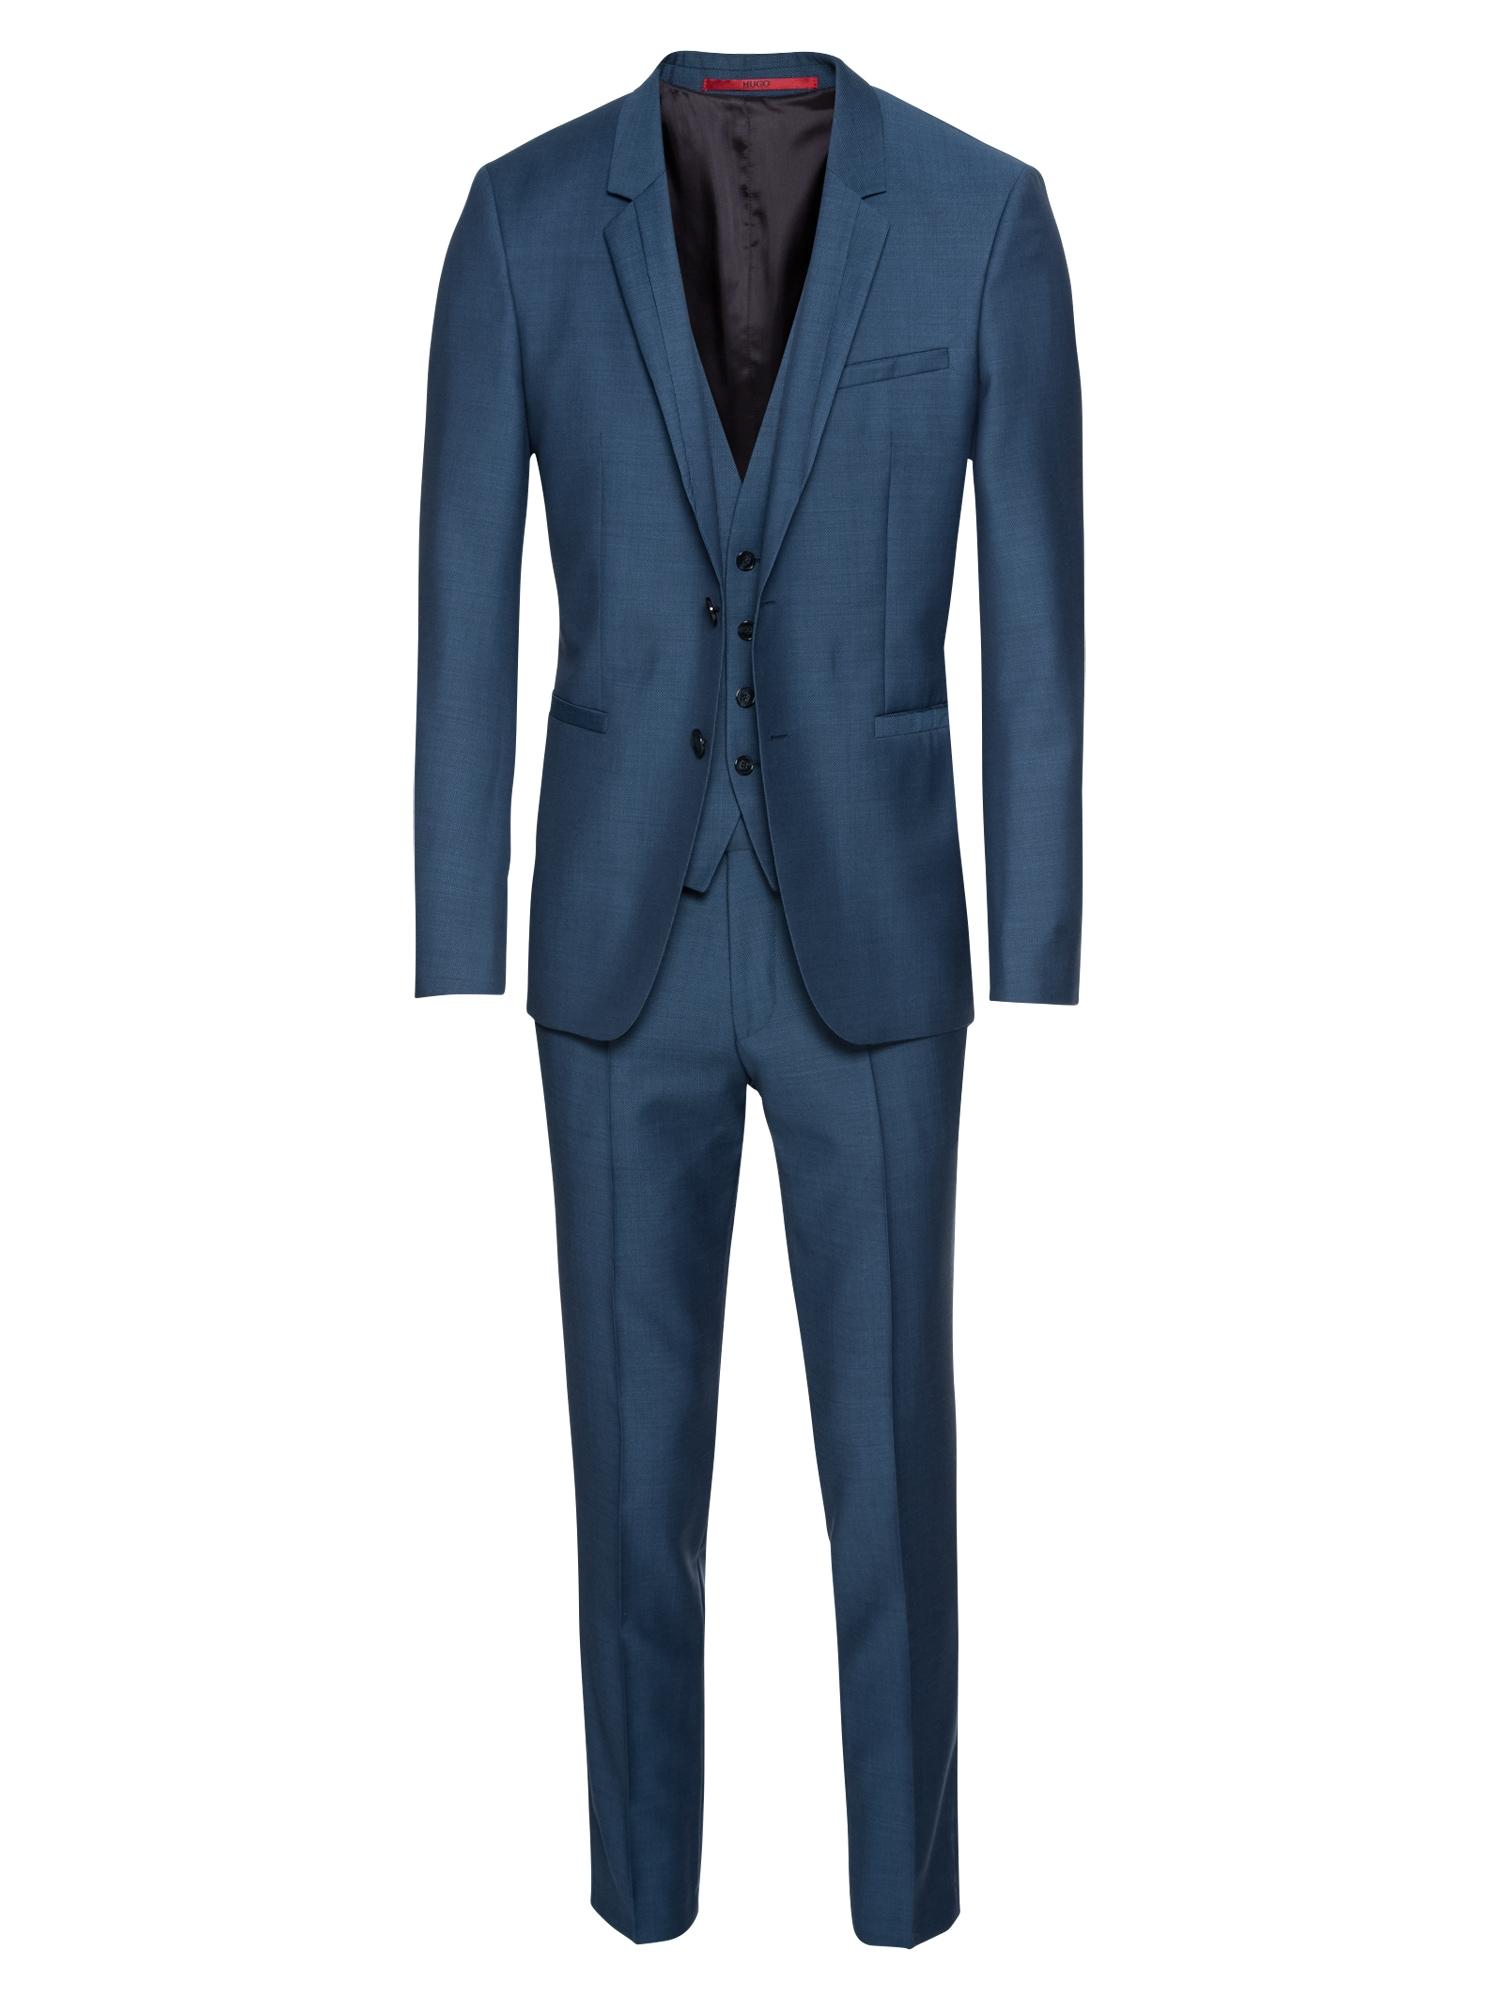 Oblek ArtiHesten183V1 10206379 0 námořnická modř HUGO